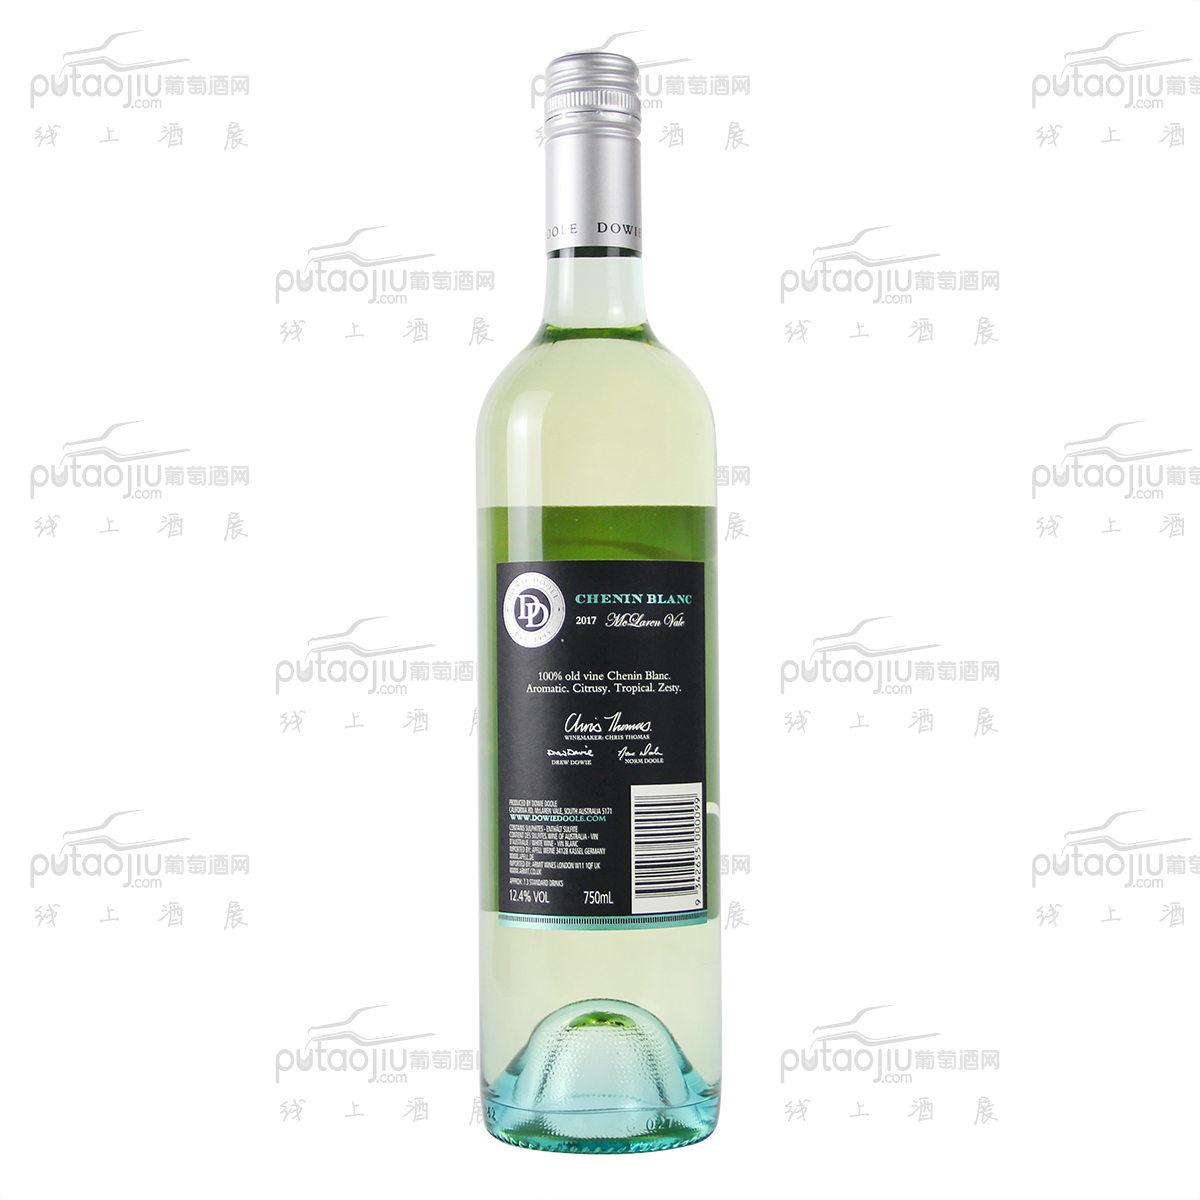 澳大利亚麦克拉伦谷产区都度庄园白诗南干白葡萄酒